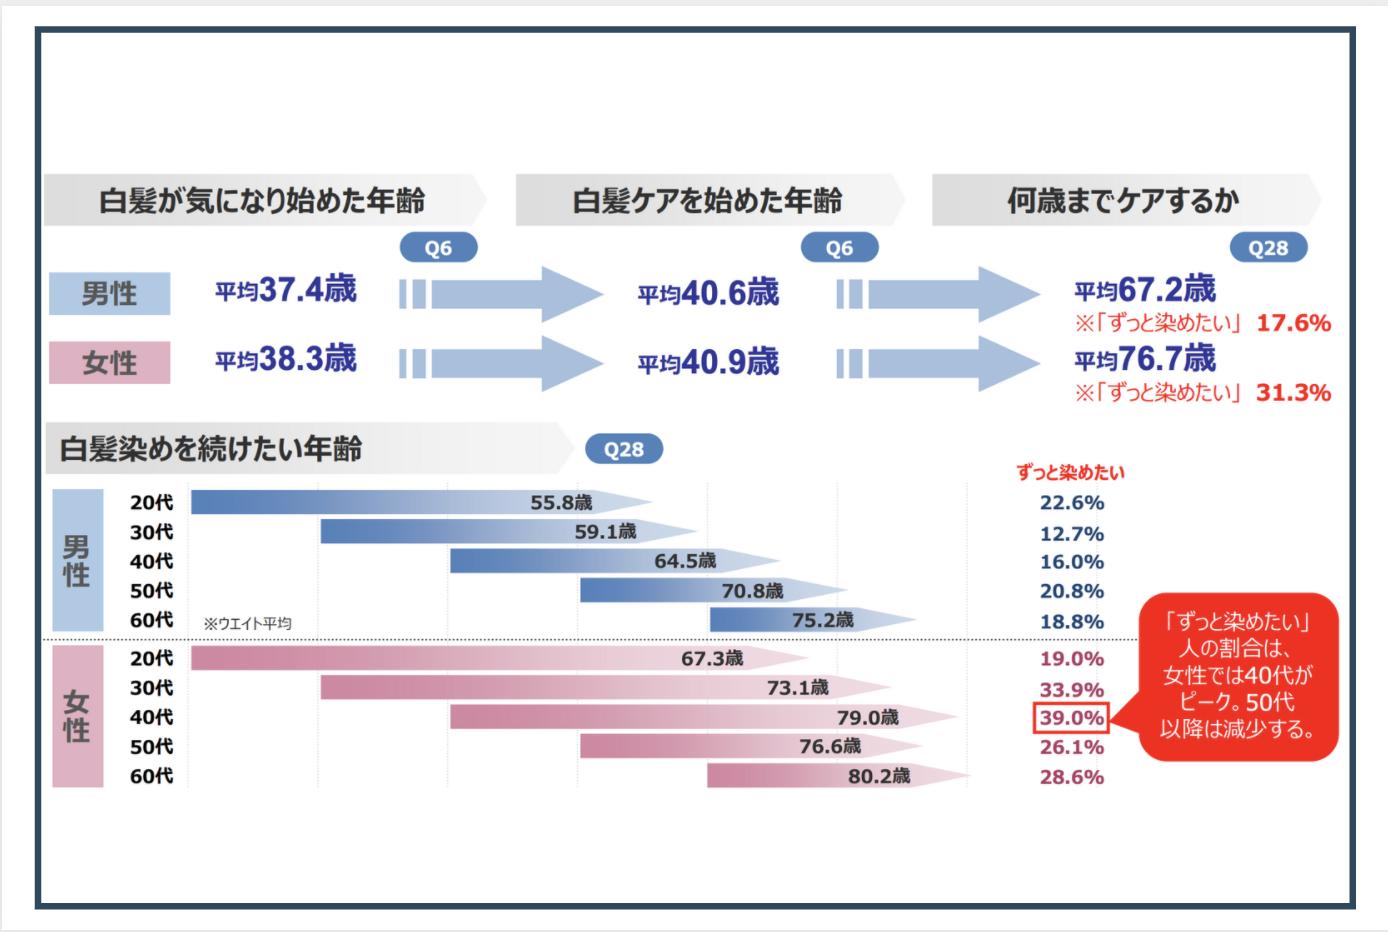 データ2画像